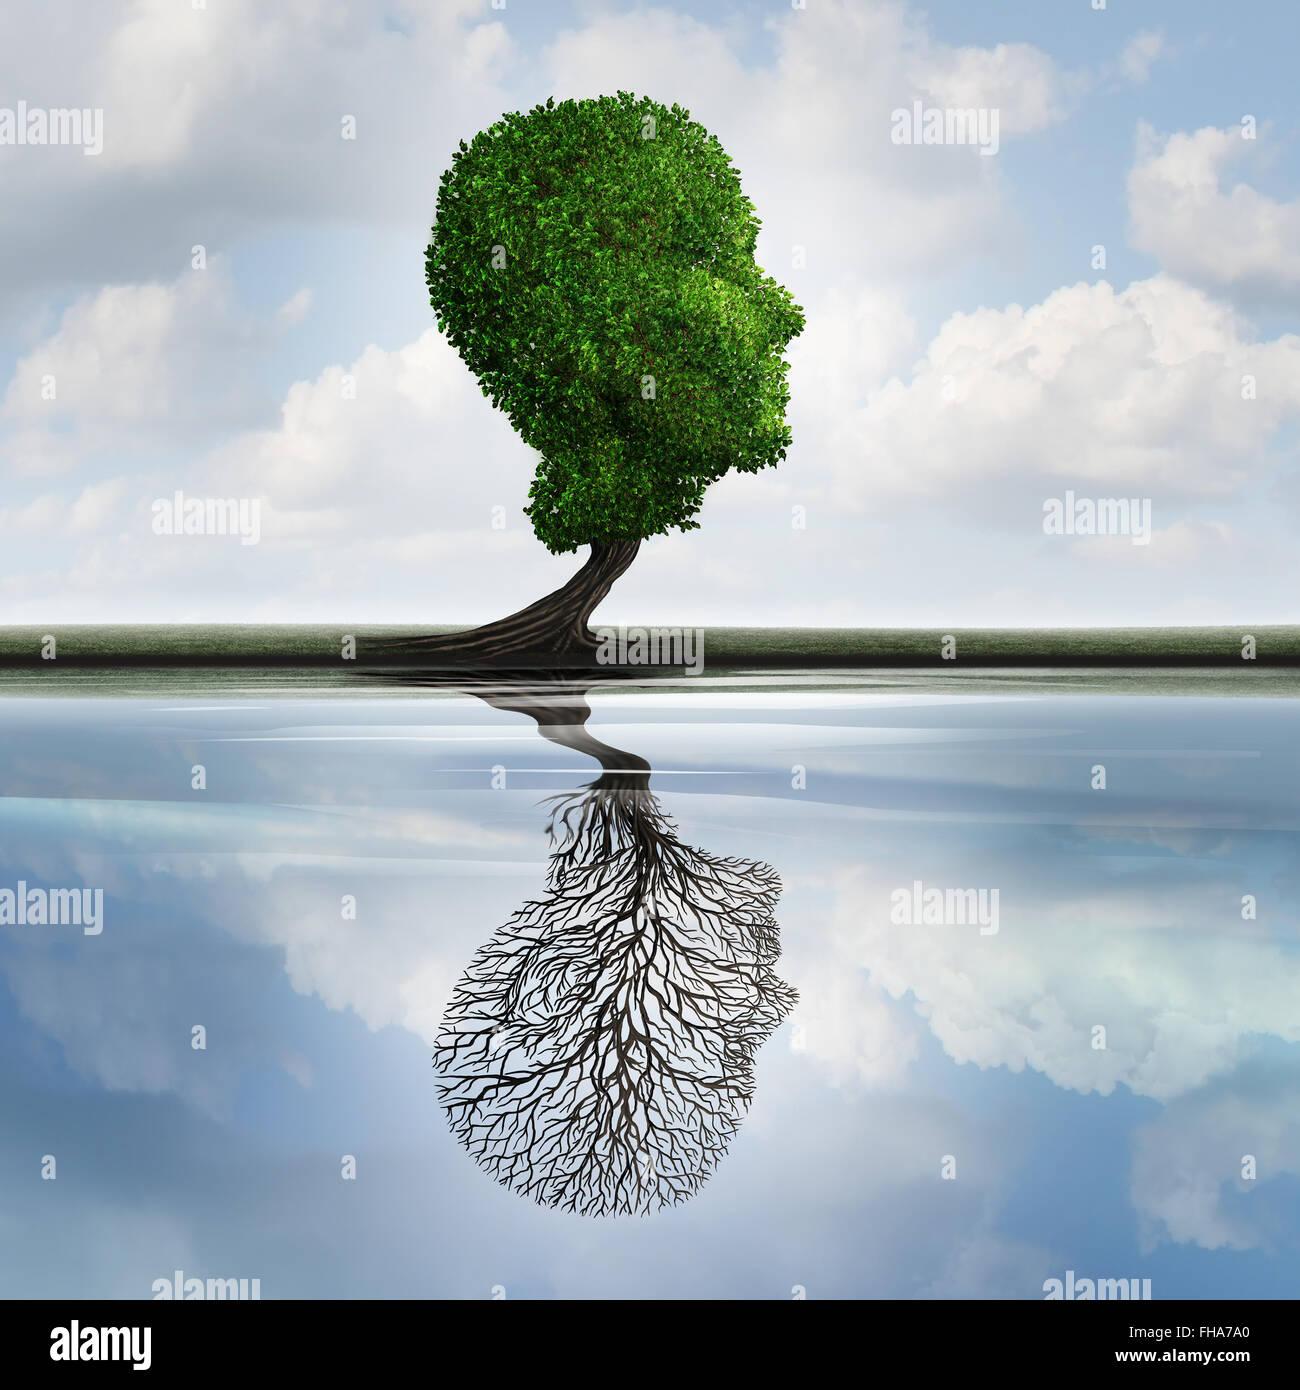 Depresión oculta concepto y sentimientos privados símbolo como un árbol con hojas en forma de cabeza humana con una reflexión sobre el agua con una planta vacía como una idea de psicología interna para visualizar las emociones ocultas. Foto de stock